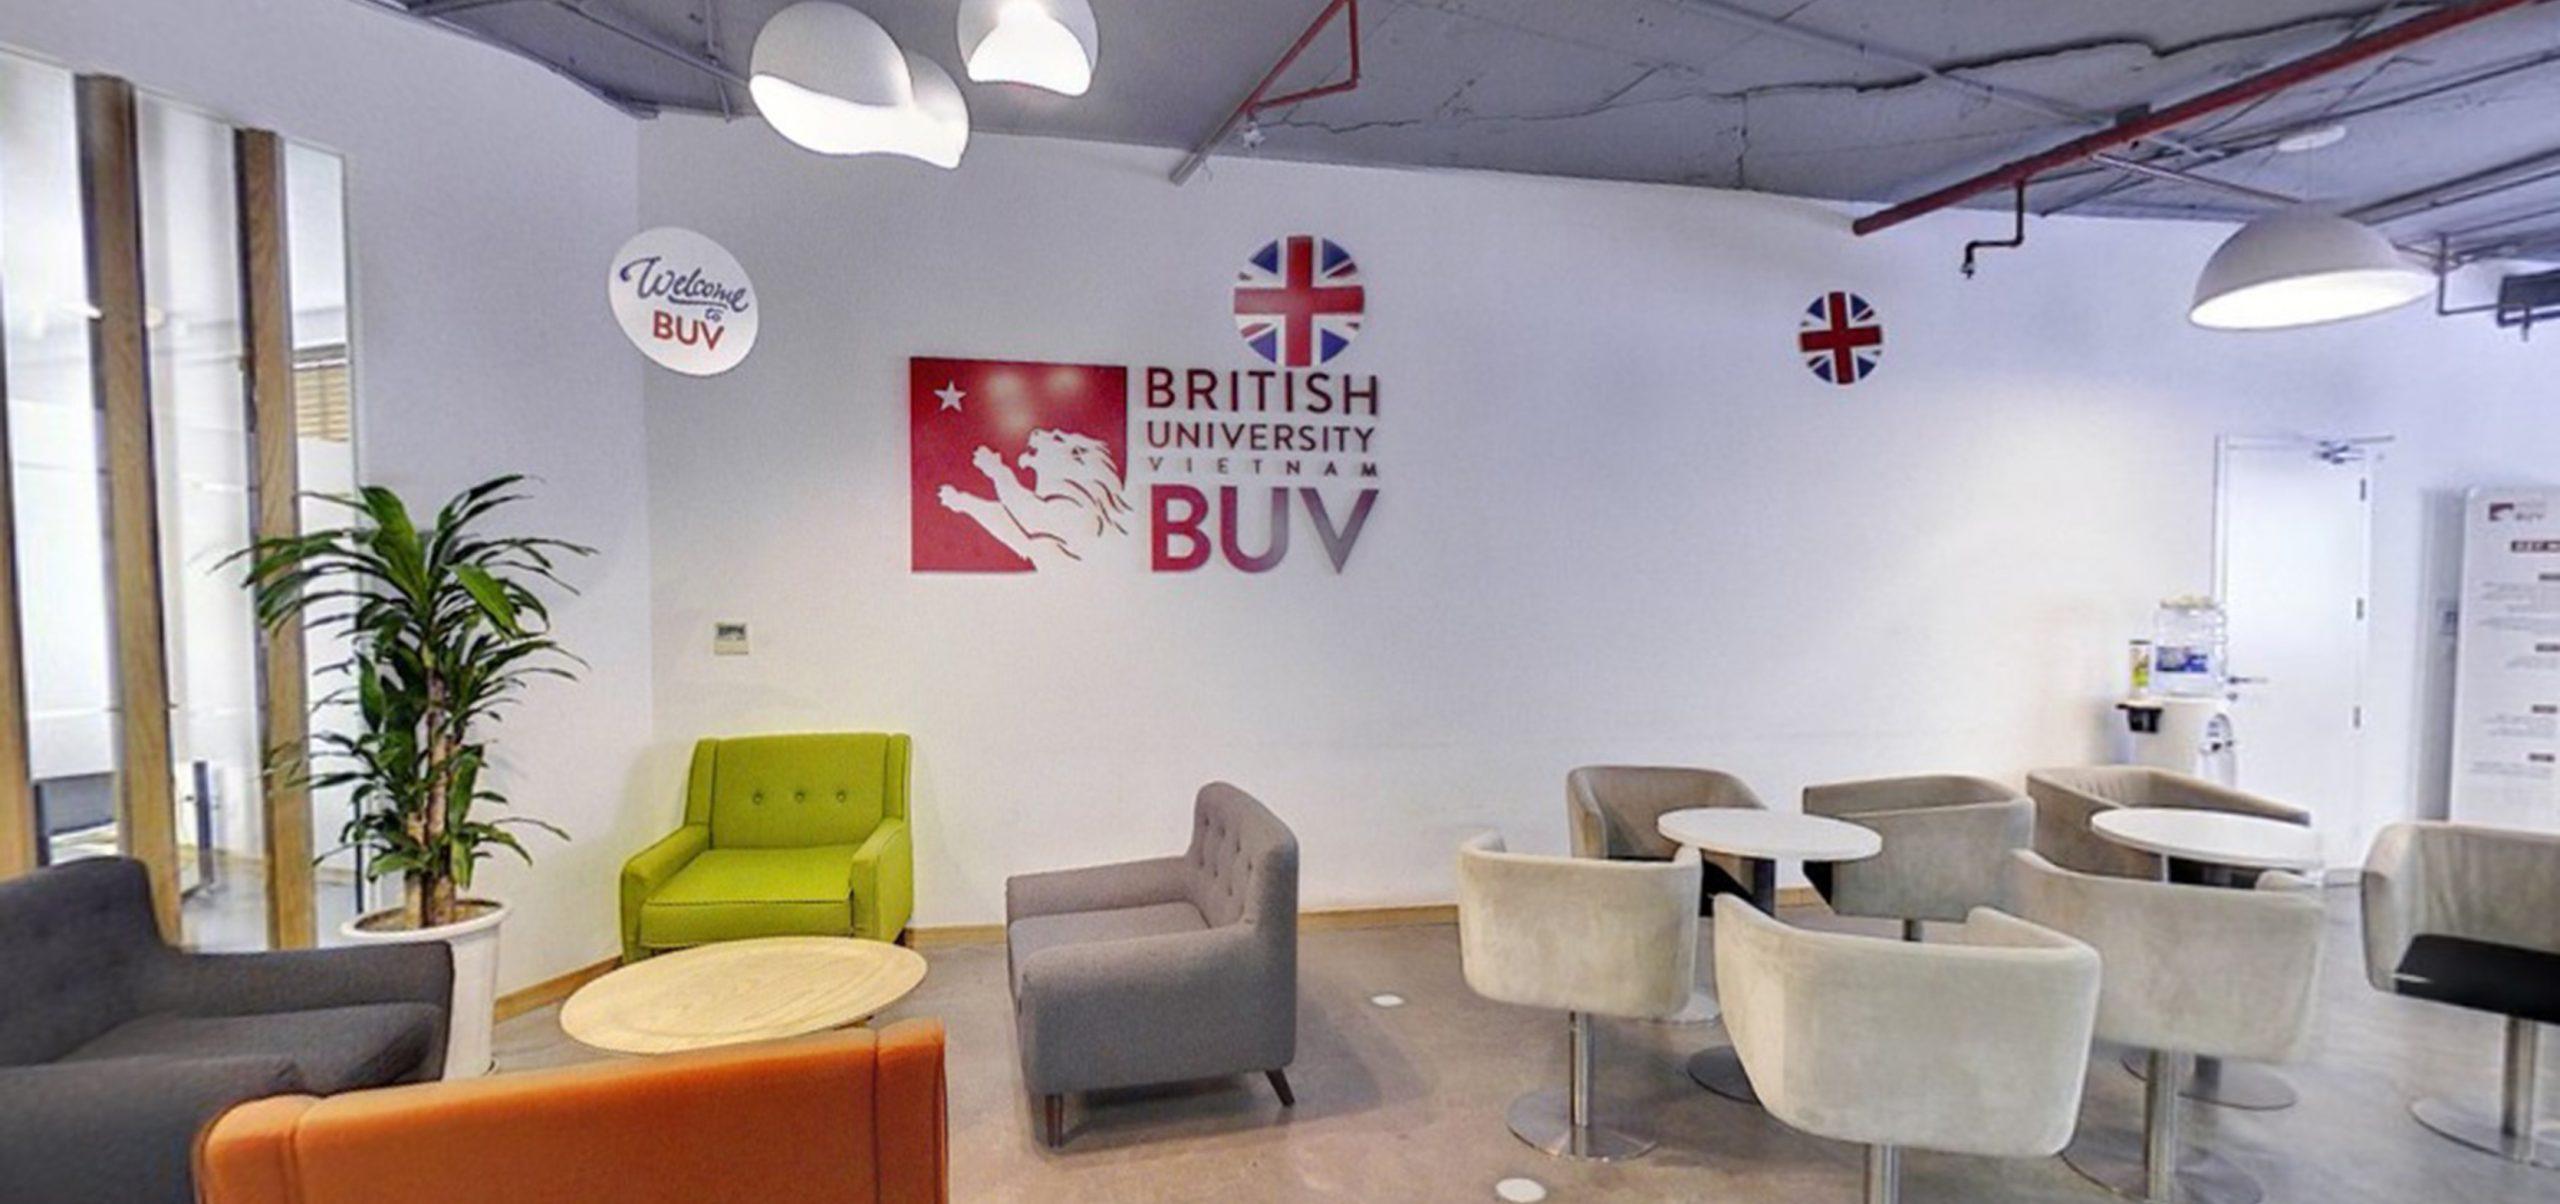 British University Vietnam